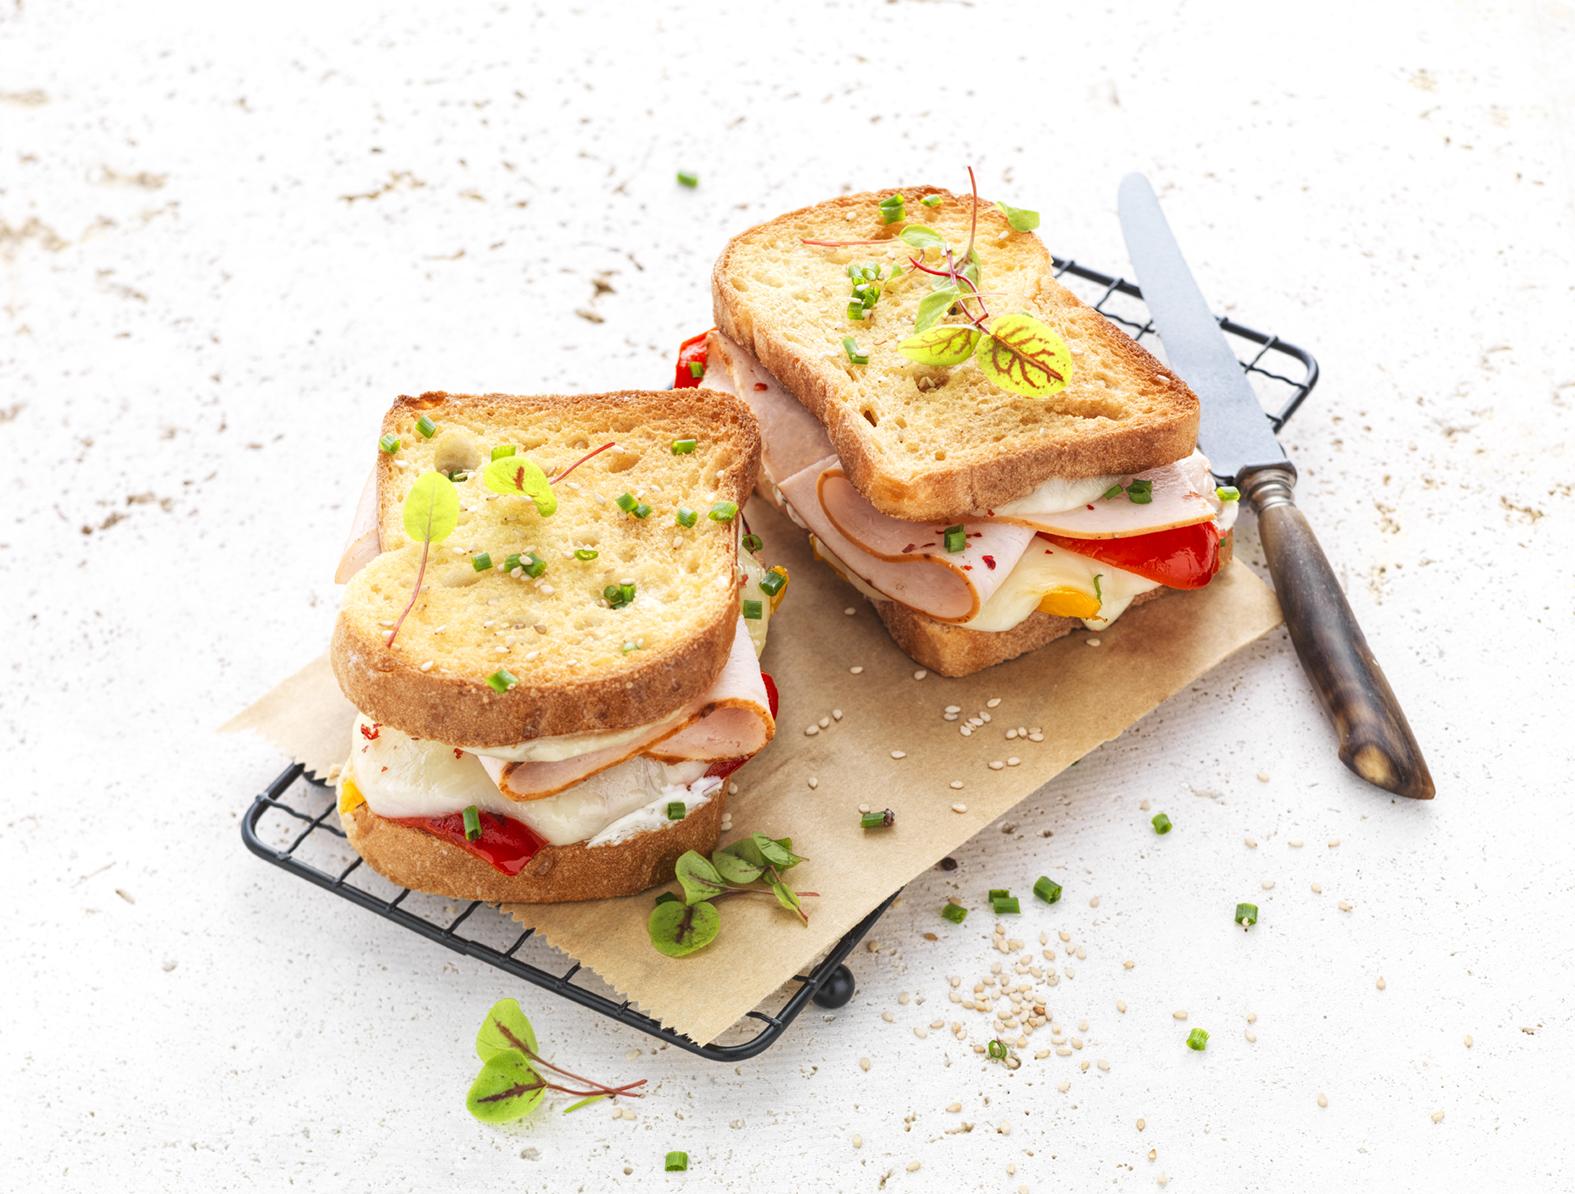 Croque-monsieur au blanc de poulet, poivrons à l'huile et mozzarella - Le Gaulois